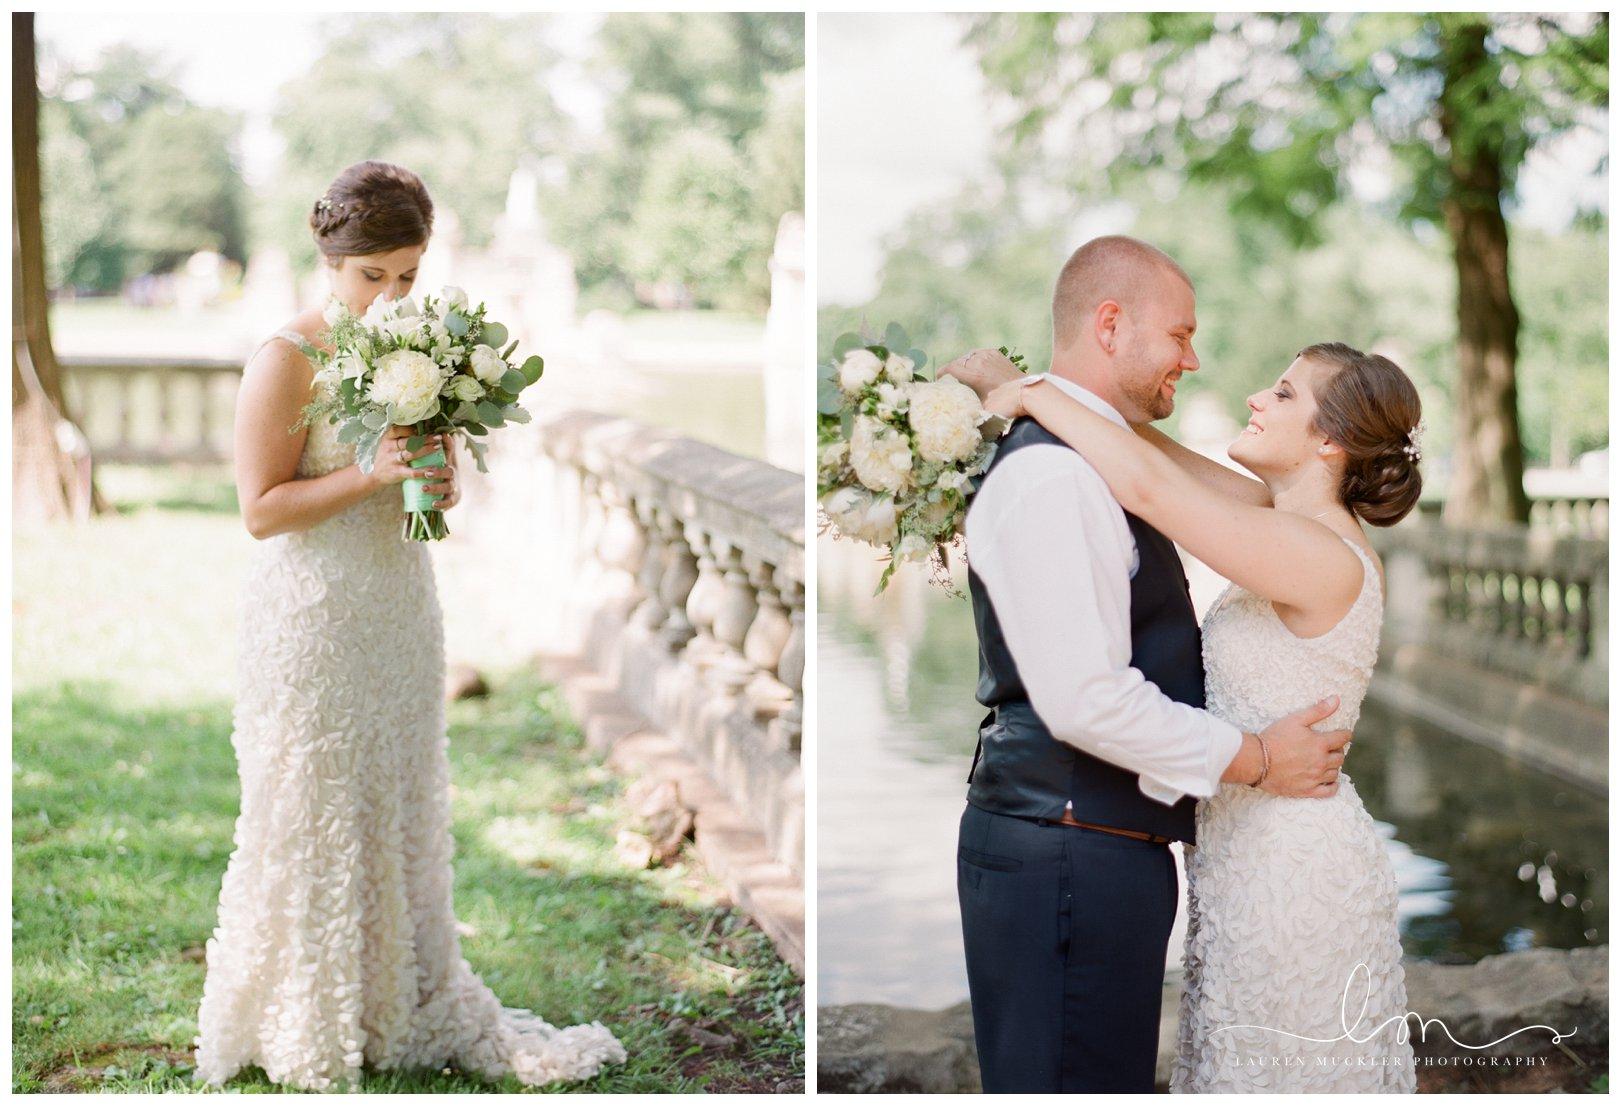 lauren muckler photography_fine art film wedding photography_st louis_photography_0554.jpg